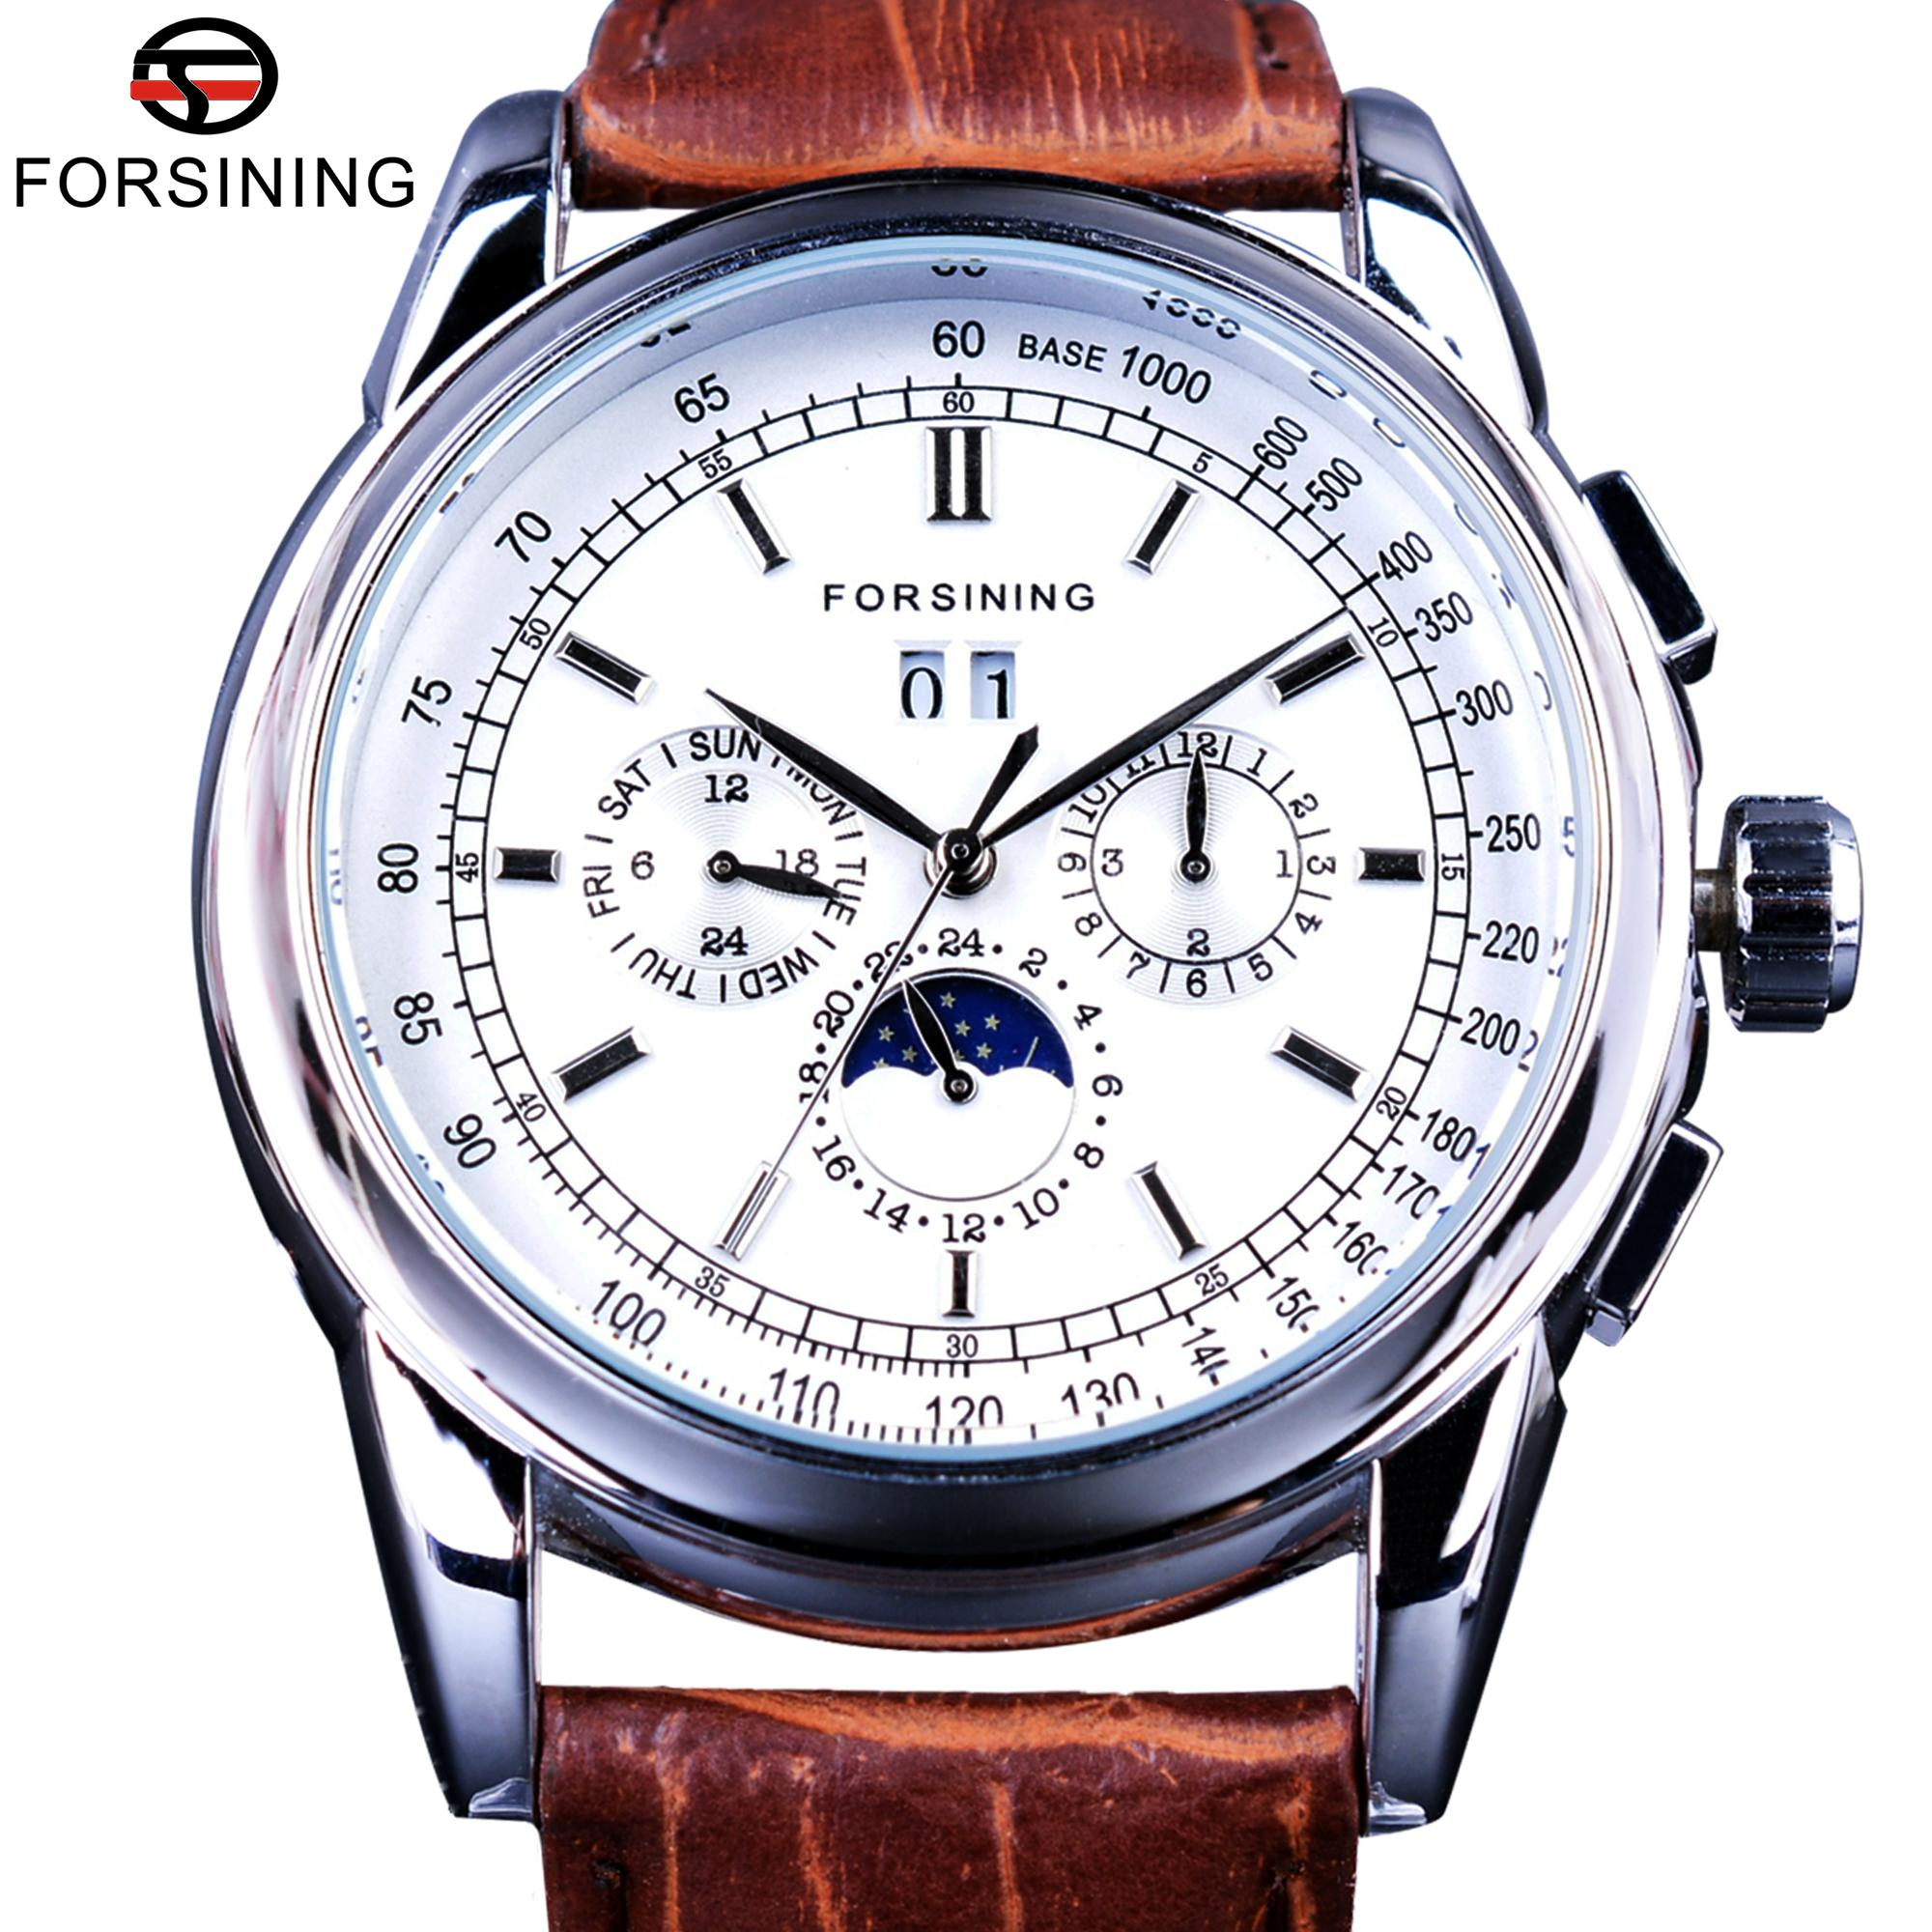 Fassing Moonphase Kalenderanzeige Brauner Leder Shanghai Automatische Bewegung Herrenuhren Top Marke Luxus Mechanische Uhren